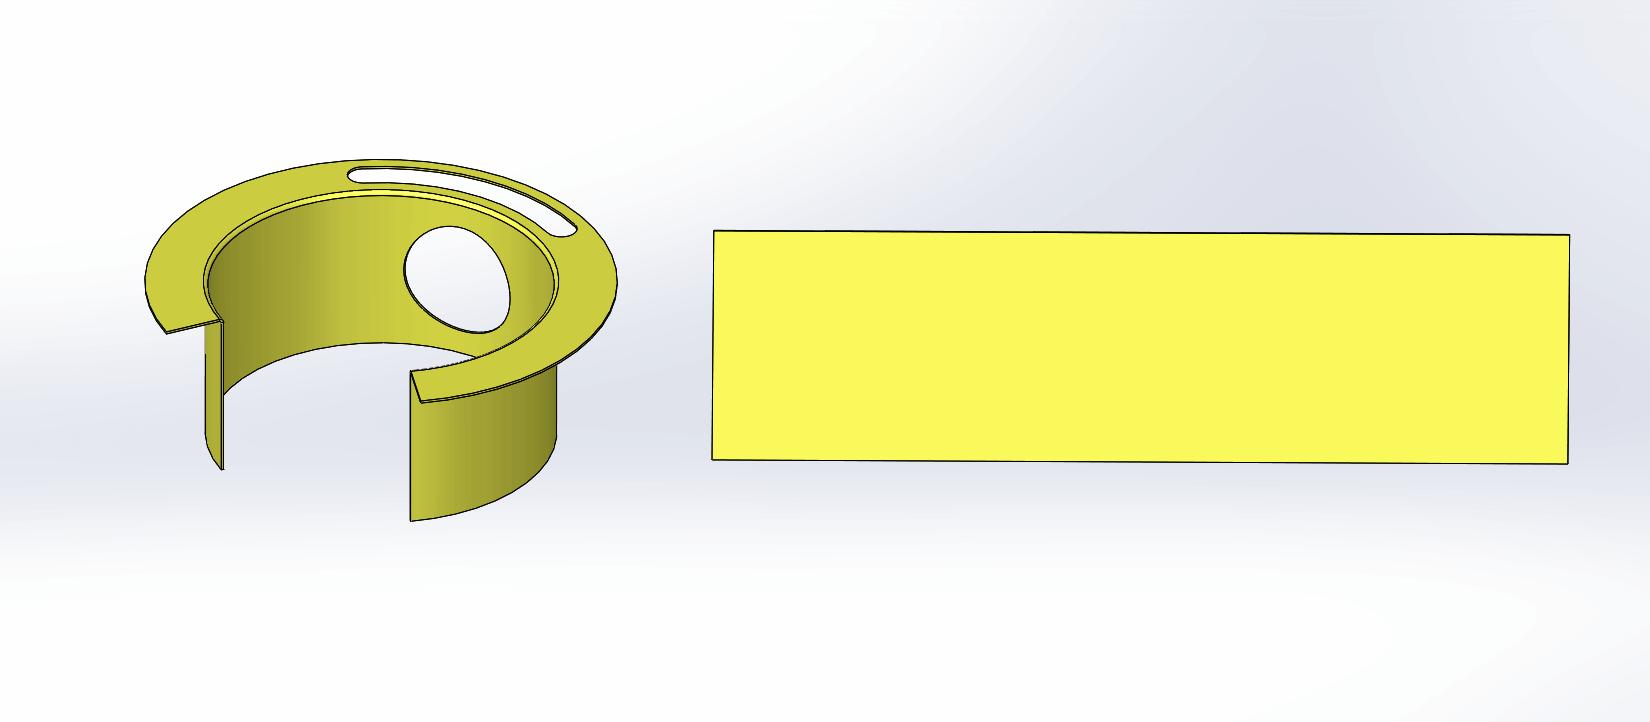 Solidworks 2016 Sheet Metal Swept Flange Enhancement